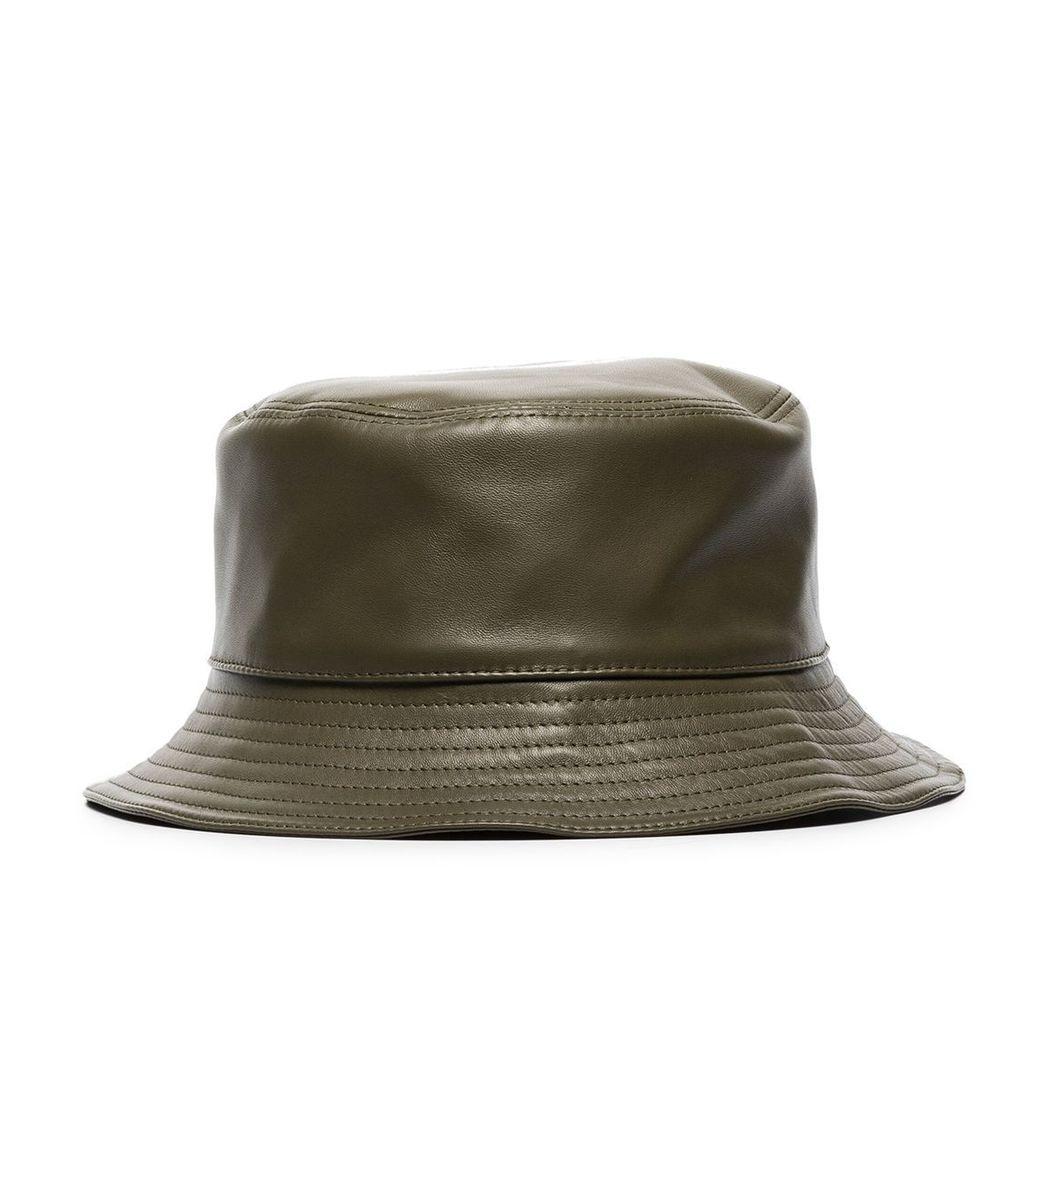 Loewe Leather Bucket Hat